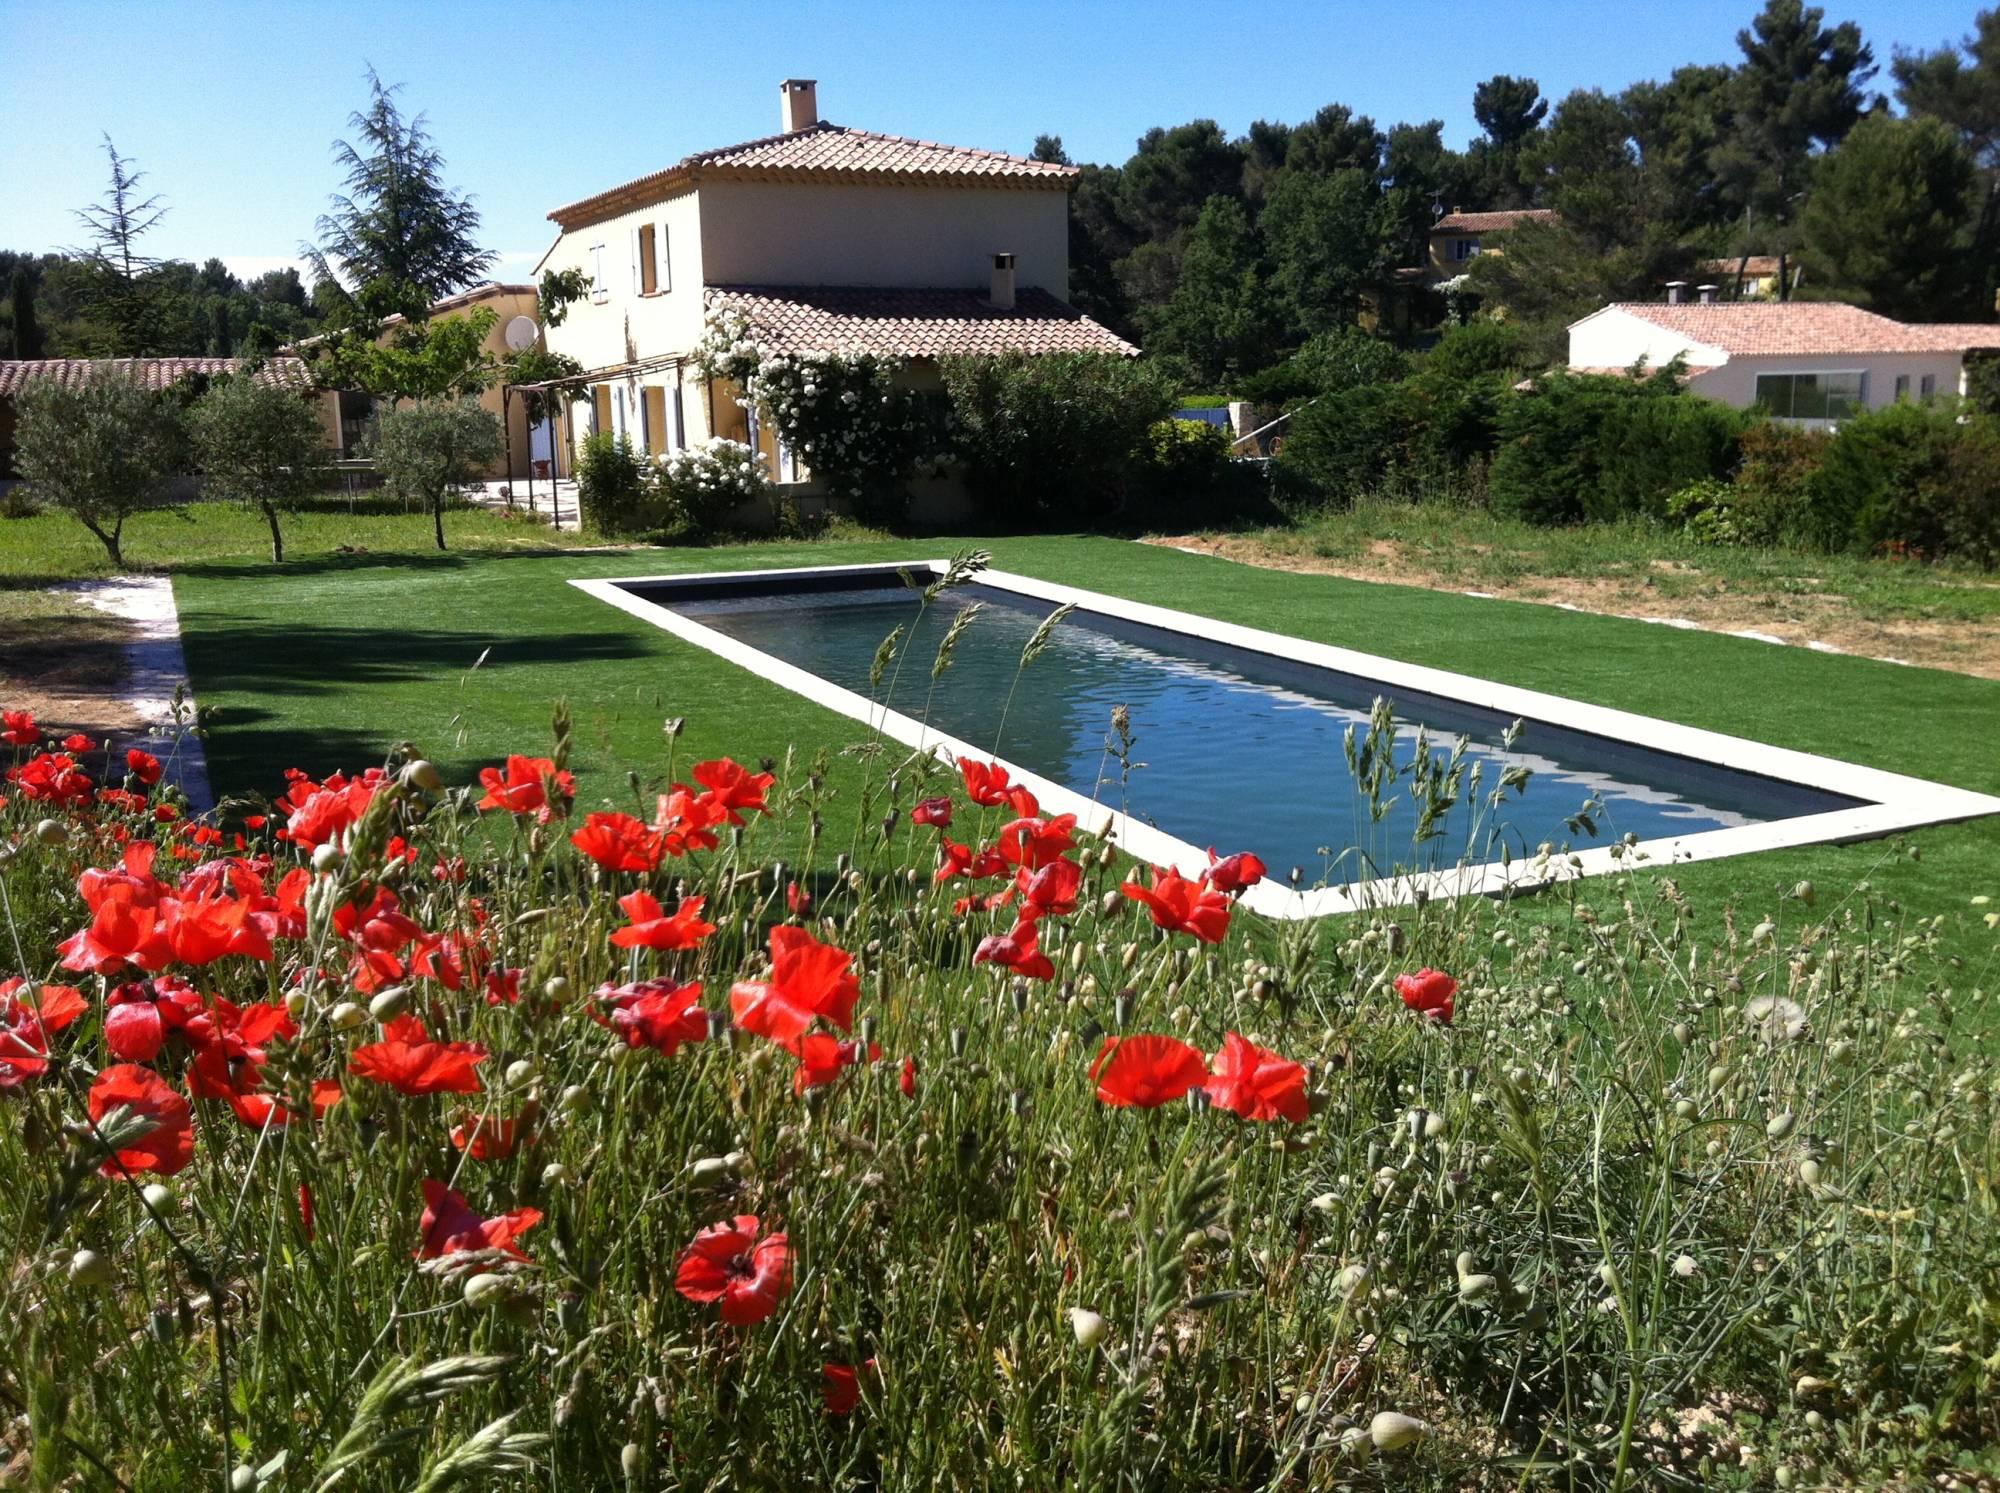 installateur de gazon synthétique à Aix en Provence dans les Bouches du Rhône, 13